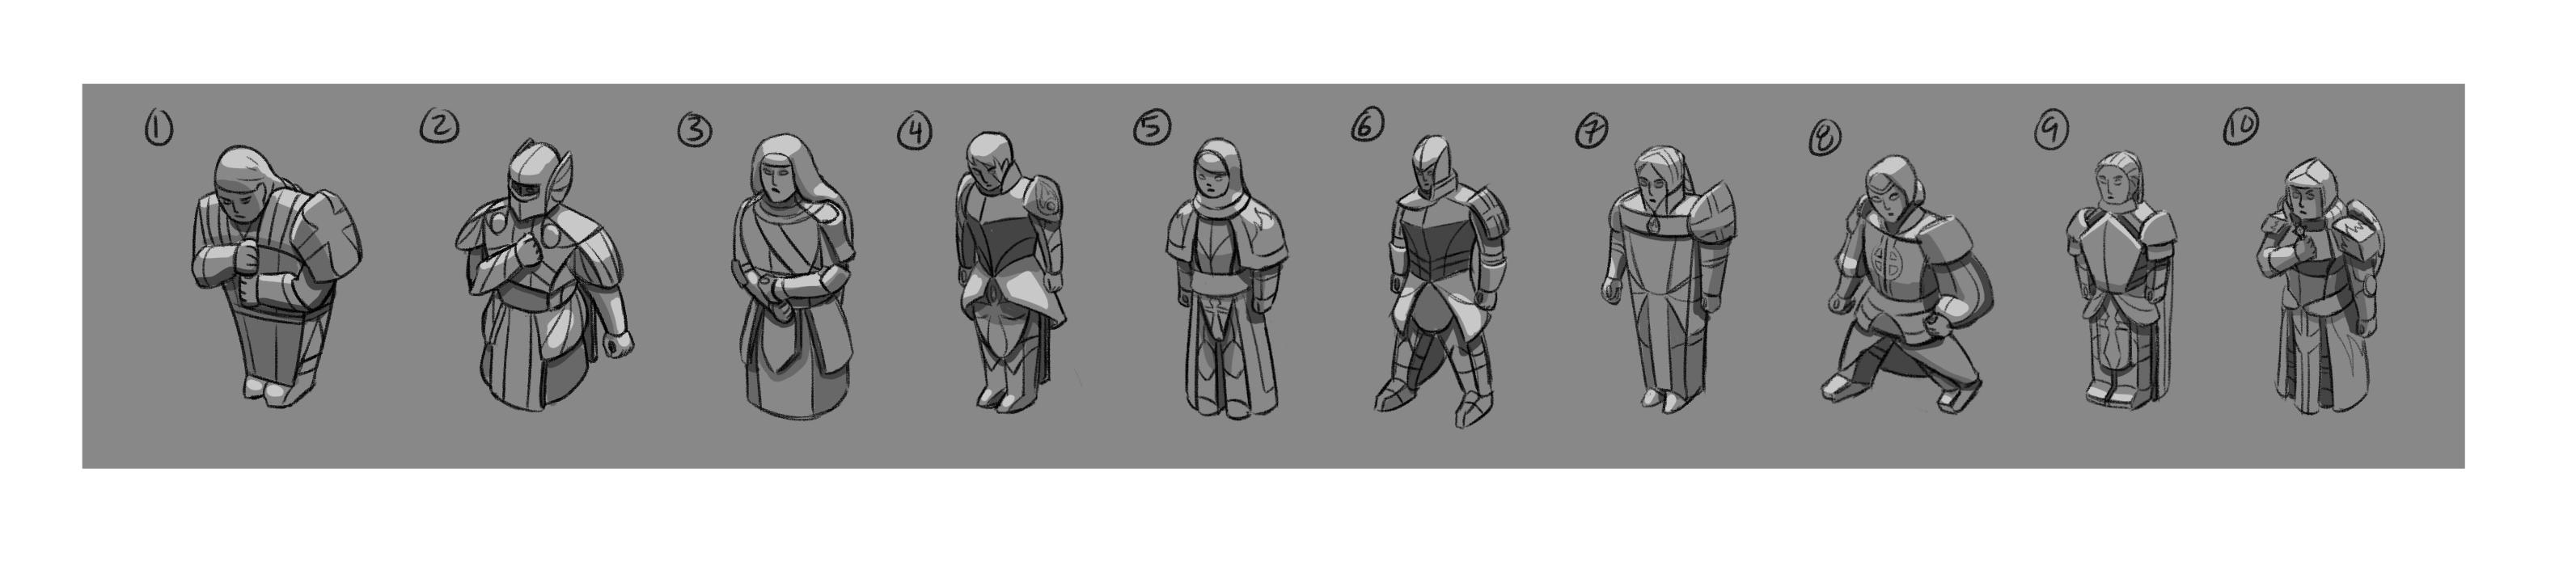 ISF Paladin Sketches